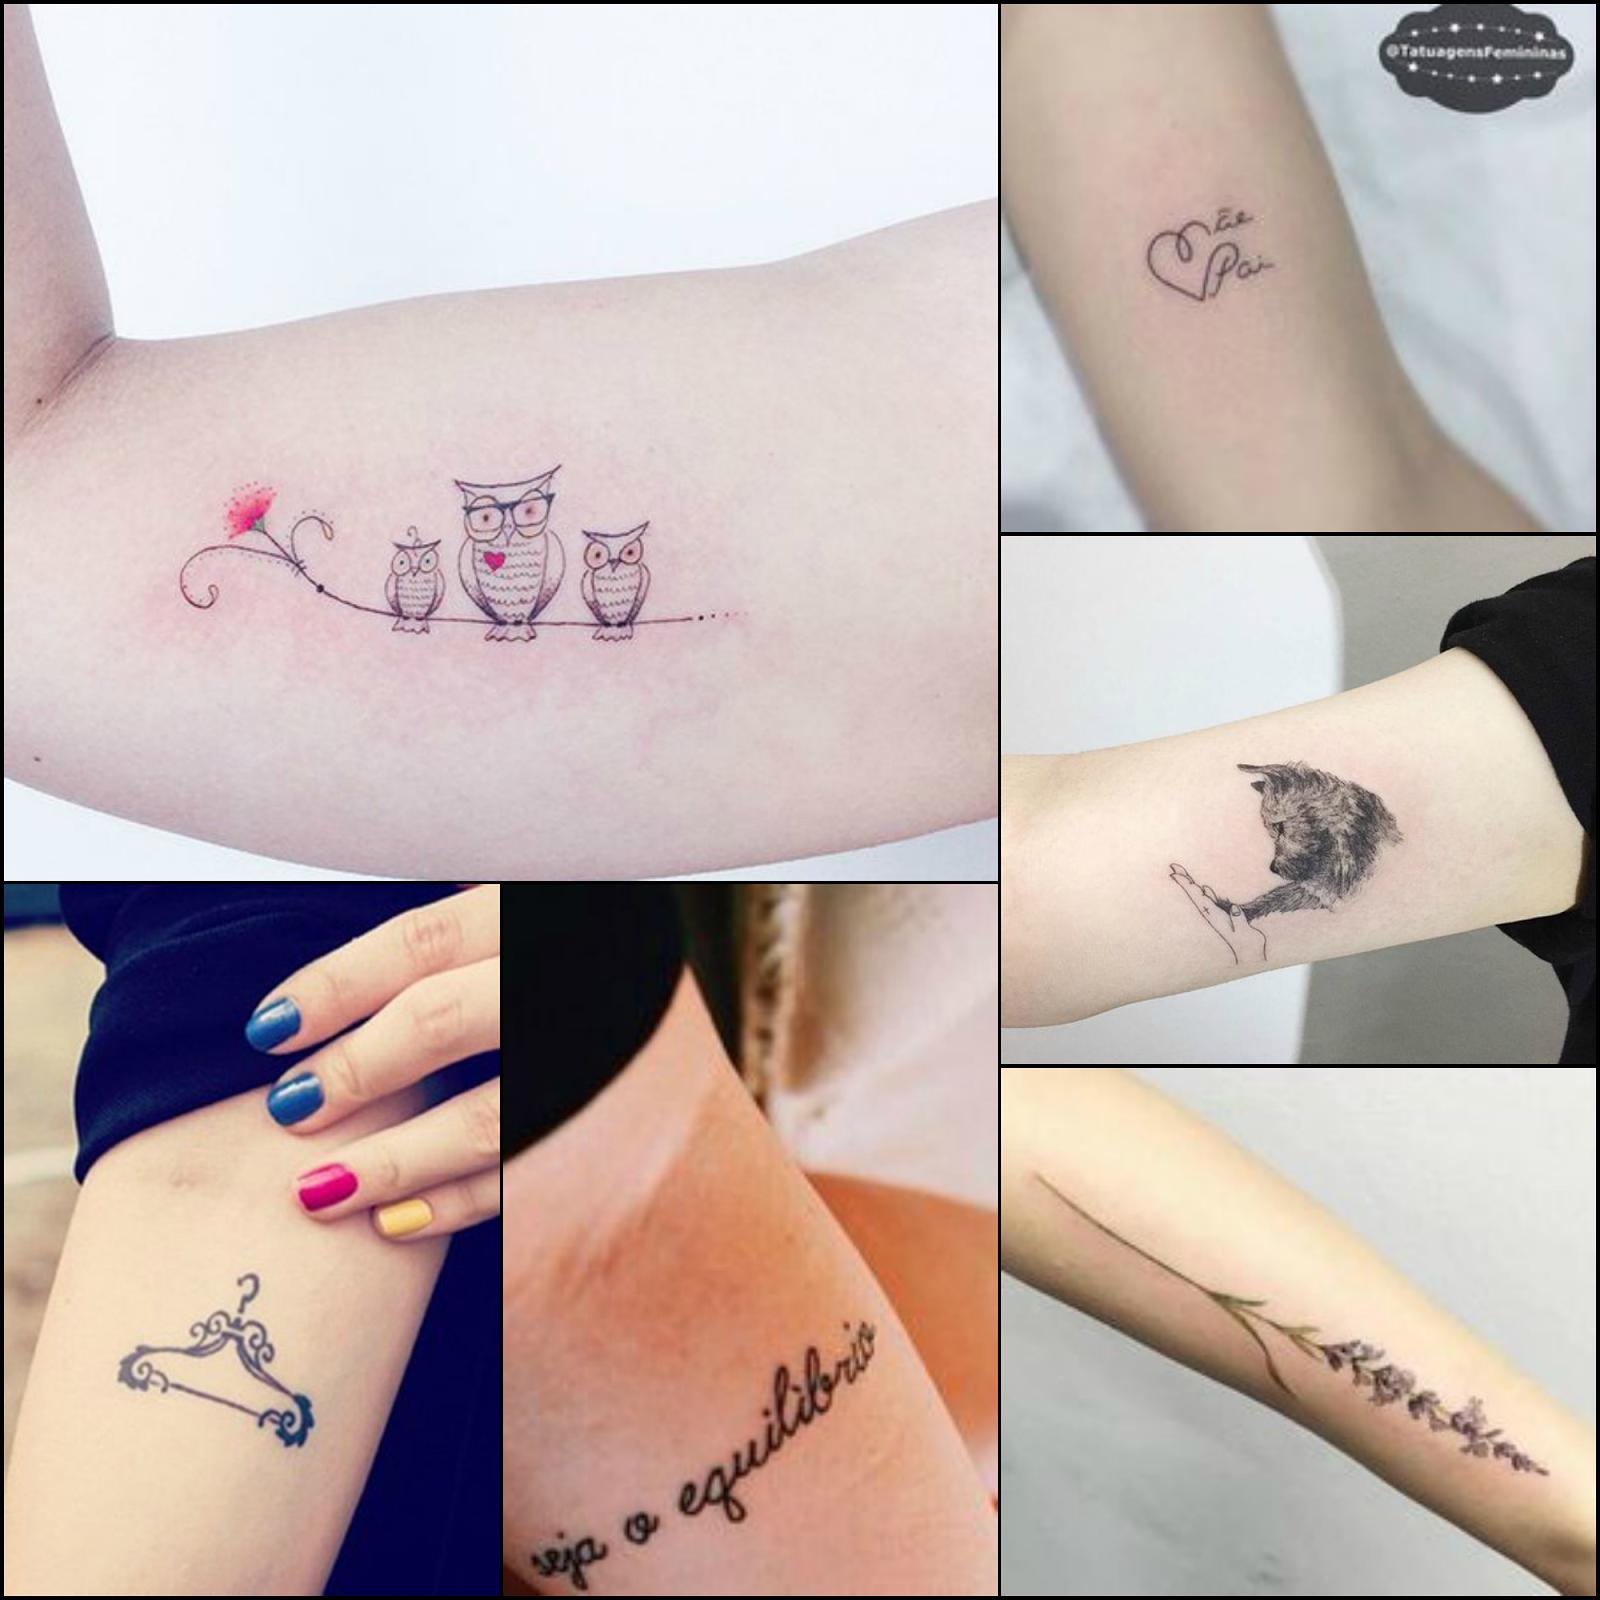 Tatuagem Feminina Delicada No Braço